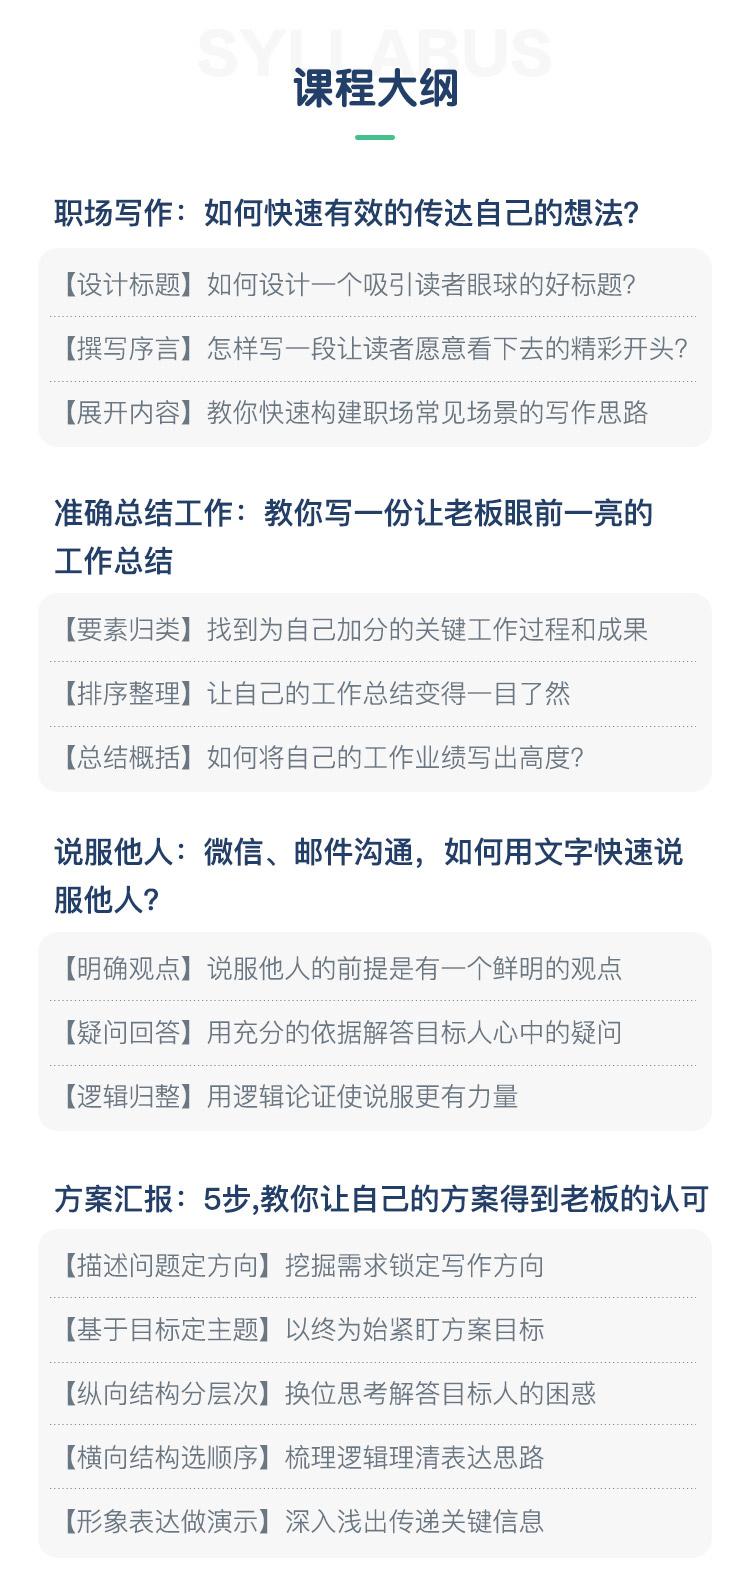 http://mtedu-img.oss-cn-beijing-internal.aliyuncs.com/ueditor/20180508162801_726550.jpg